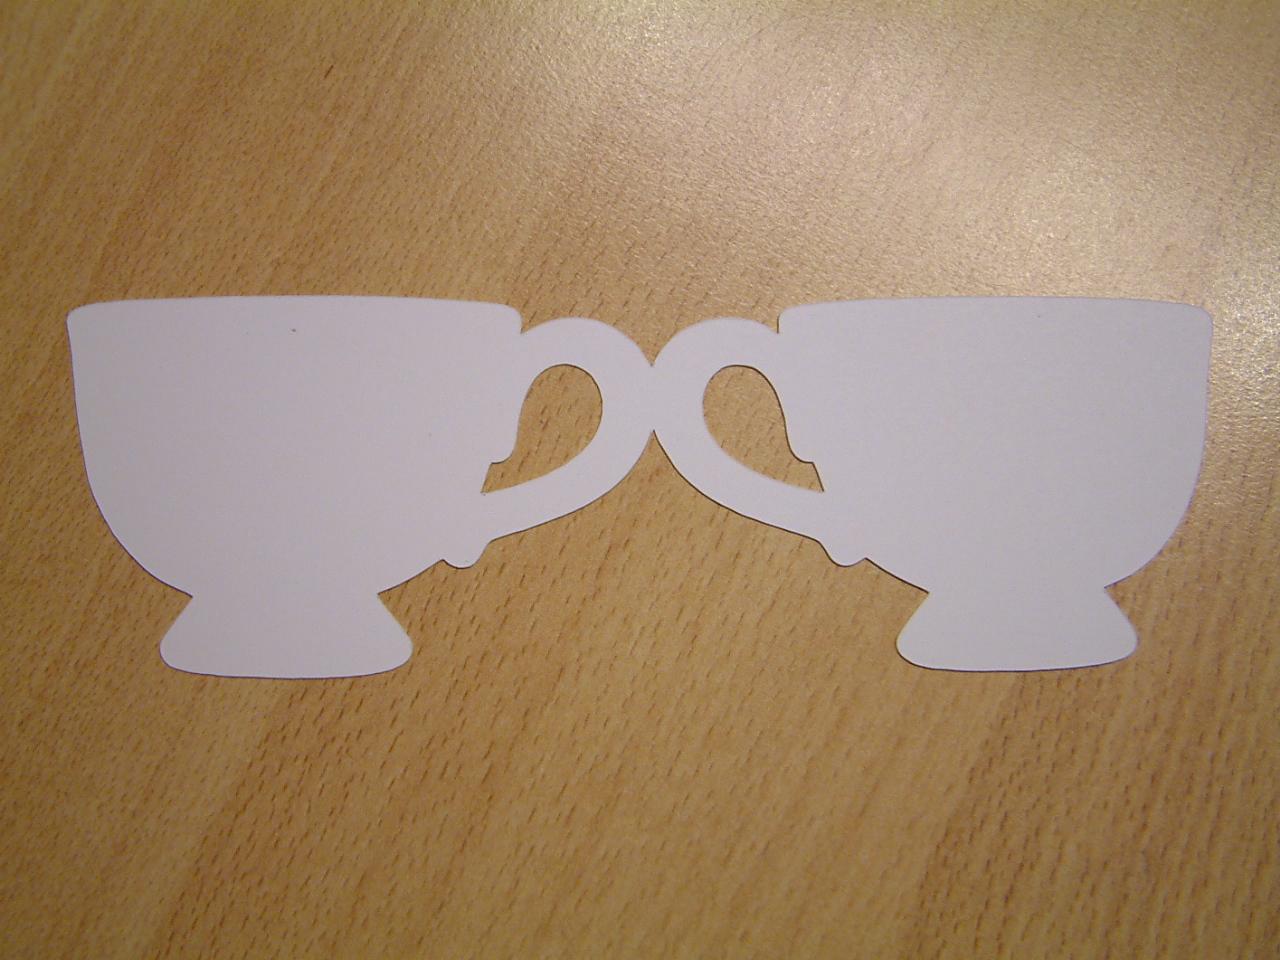 Ziemlich Tee Tasse Malseite Galerie - Druckbare Malvorlagen ...